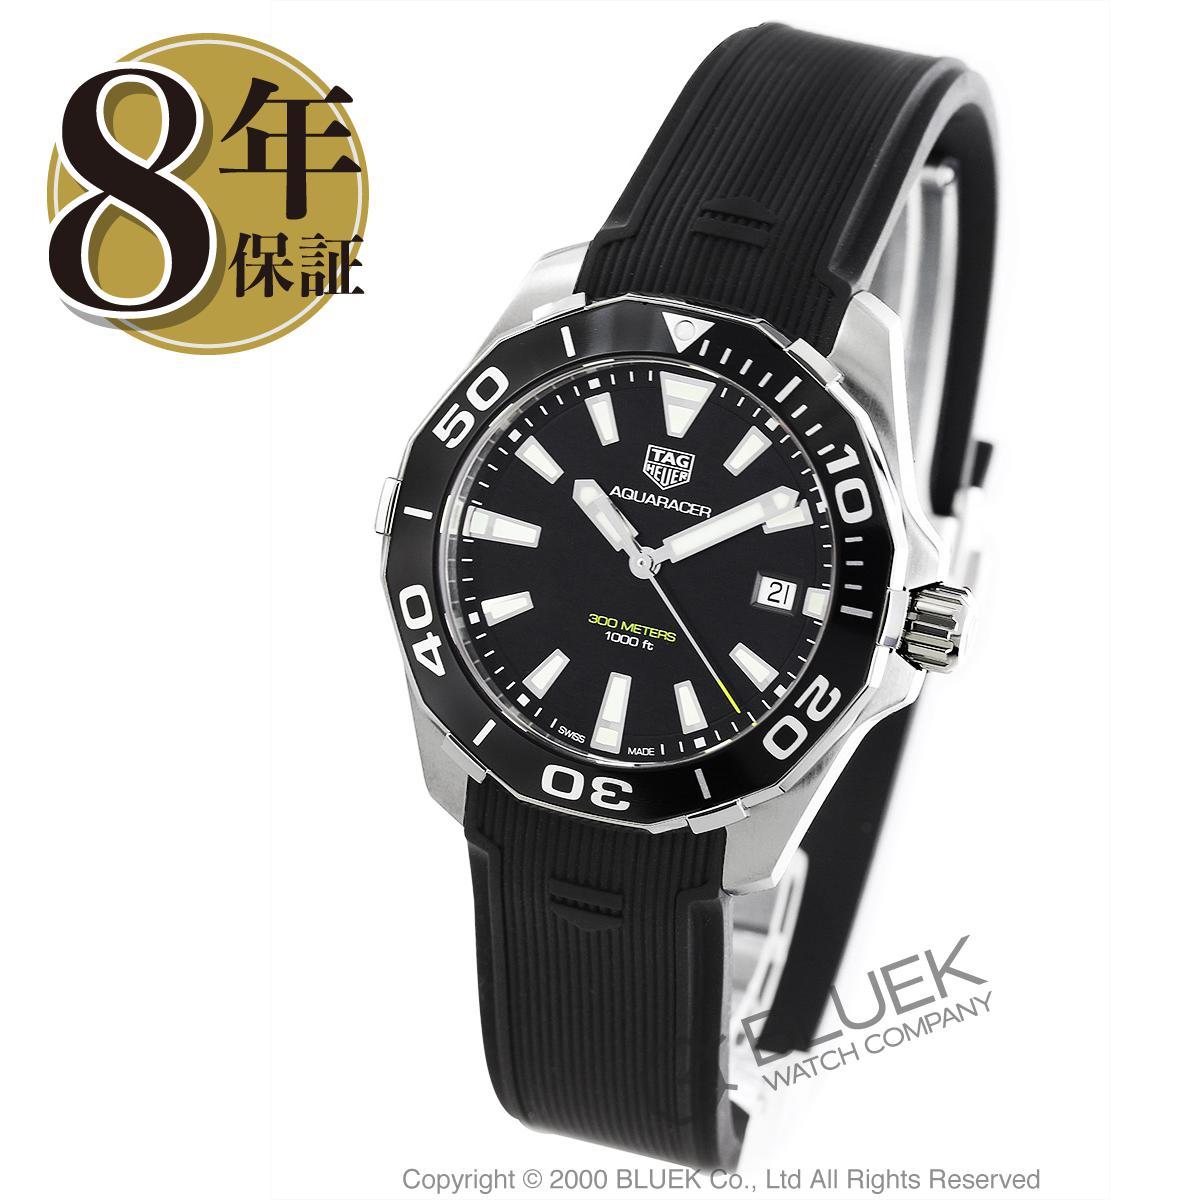 タグホイヤー アクアレーサー 300m防水 腕時計 メンズ TAG Heuer WAY111A.FT6151_8 バーゲン 成人祝い ギフト プレゼント